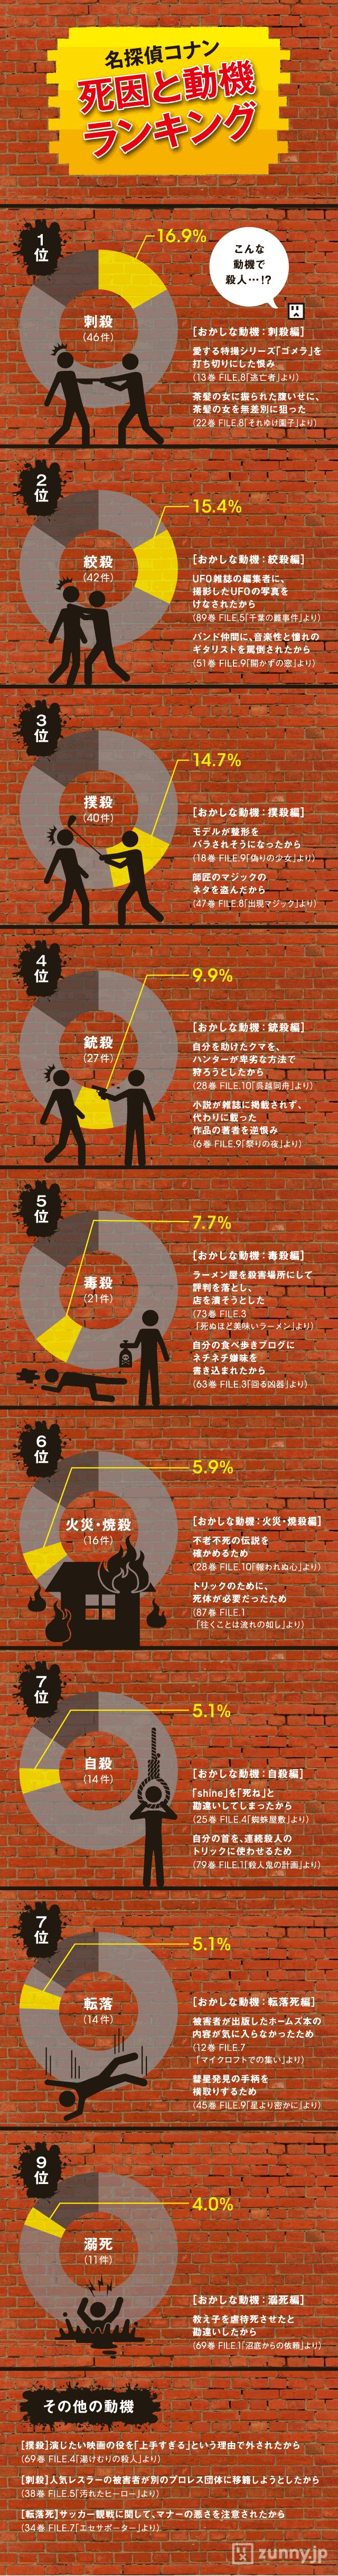 『名探偵コナン』殺人事件の死因と動機ランキング | ZUNNY インフォグラフィック・ニュース